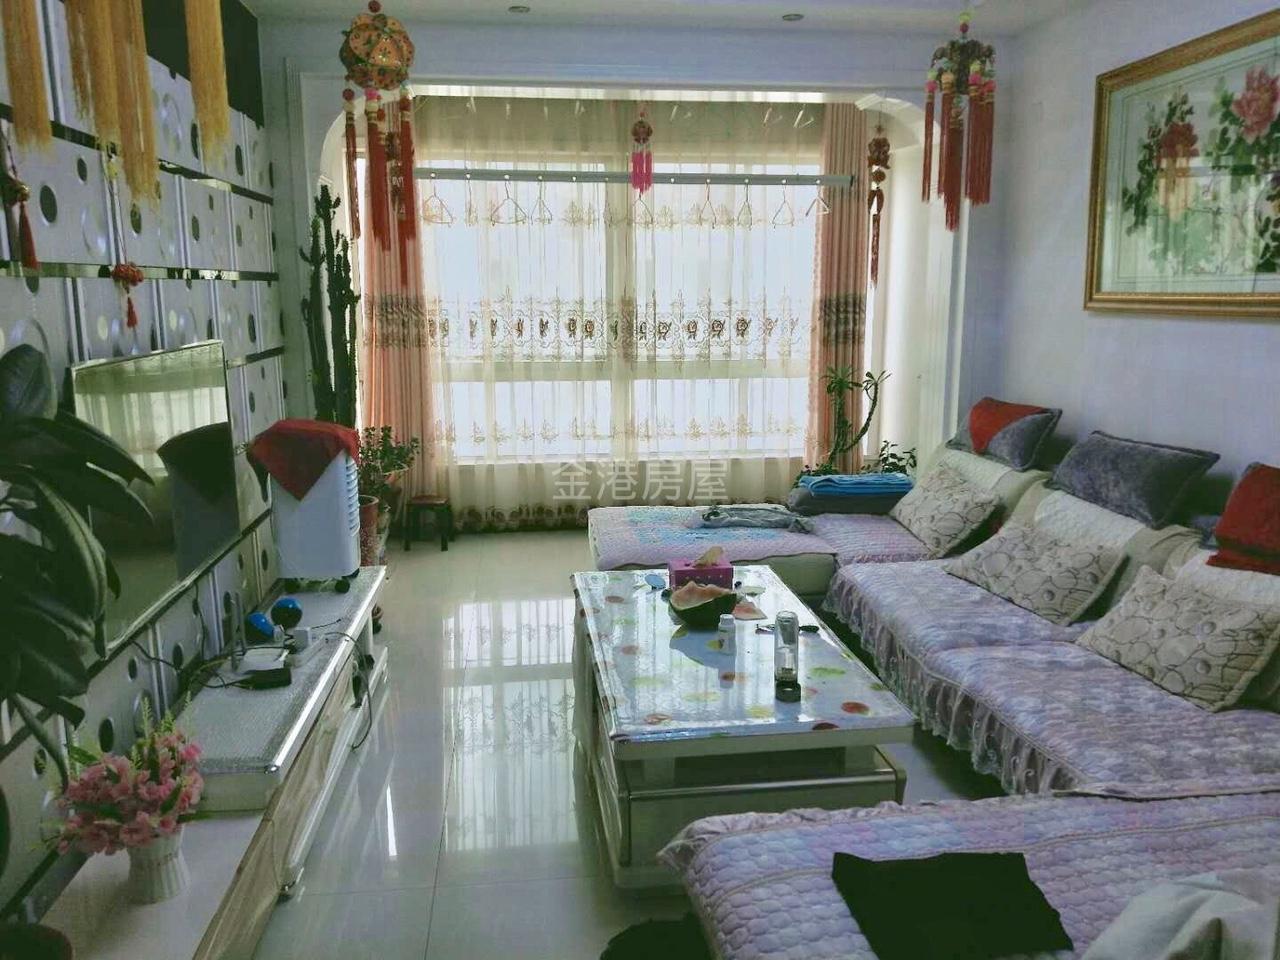 润泽园5楼2室2厅1卫28万元